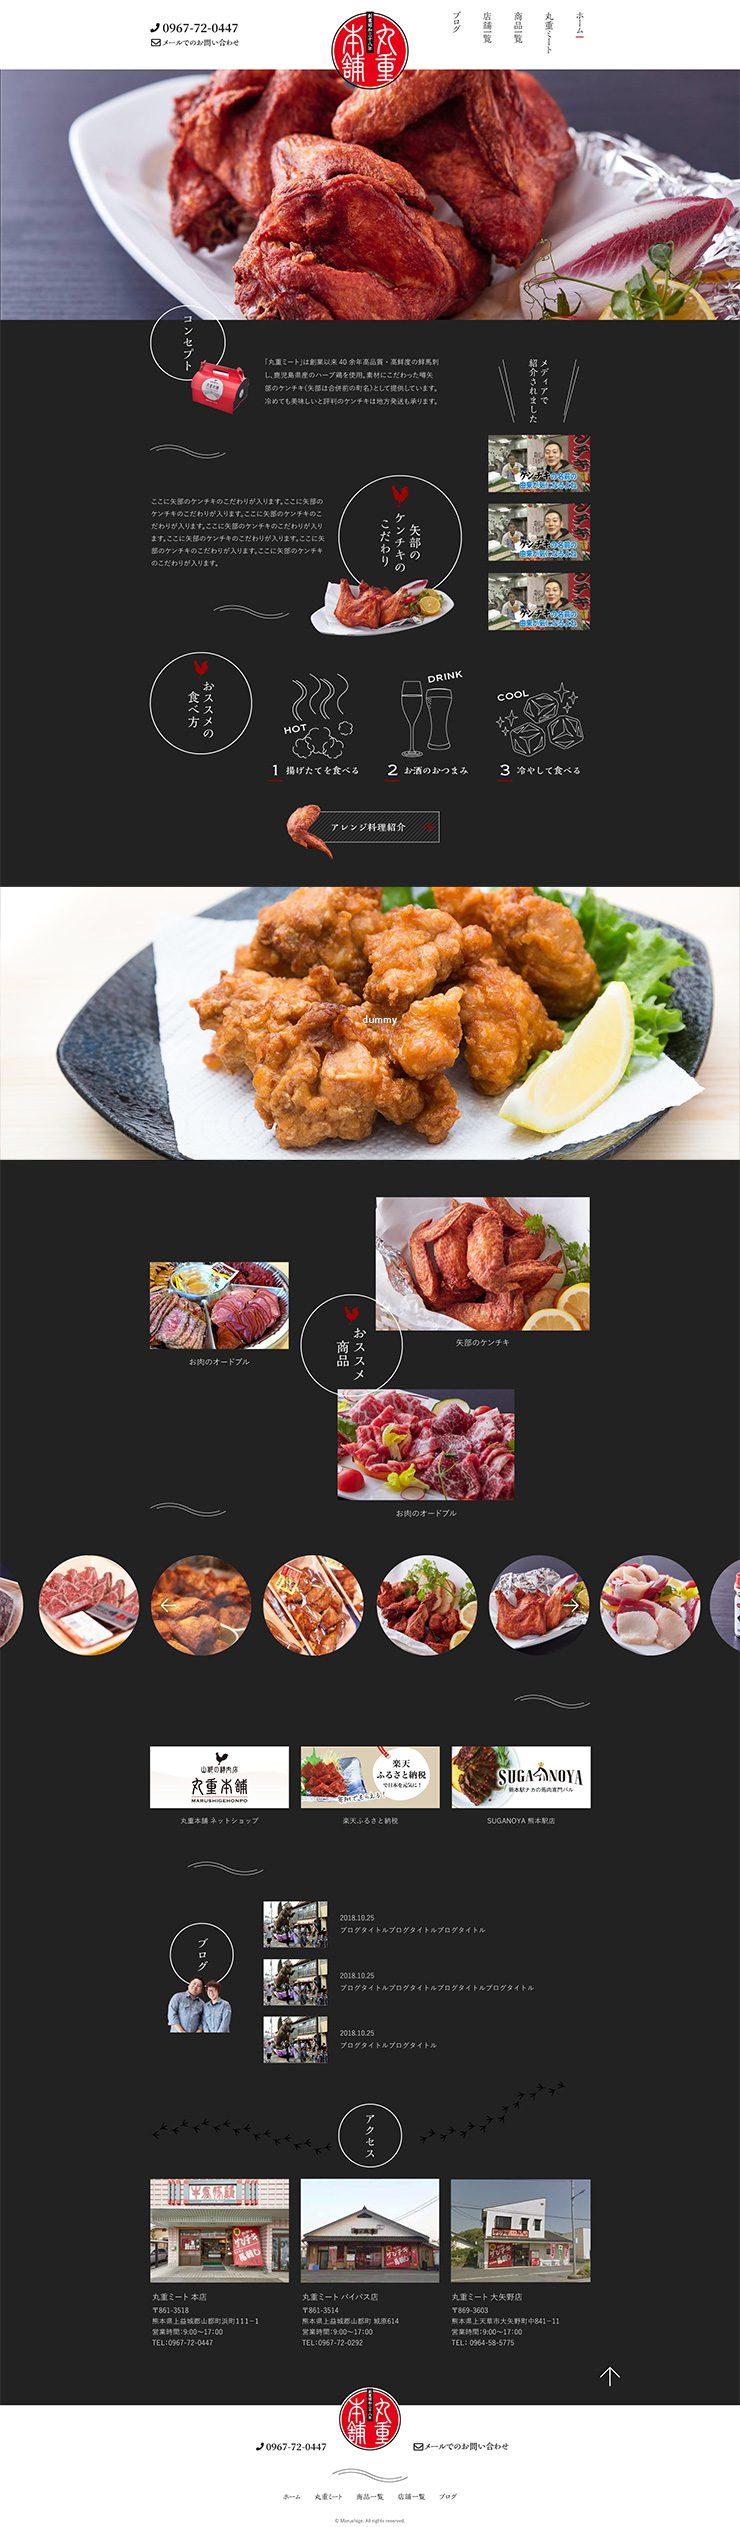 飲食系のホームページ01